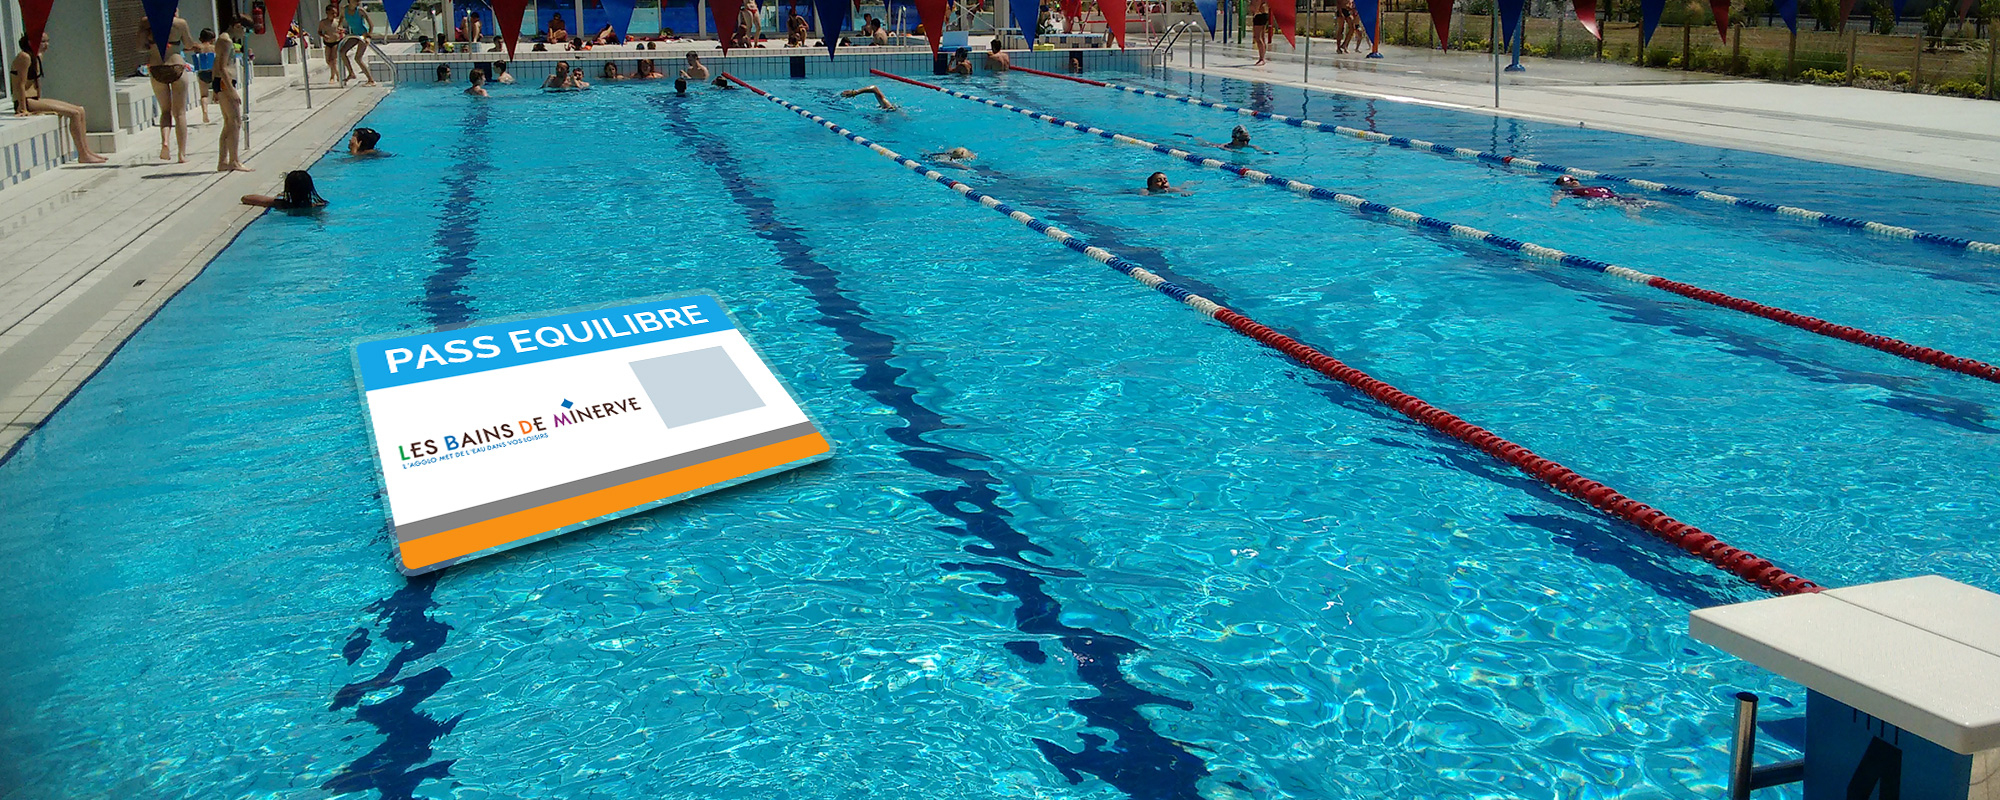 Centre Aquatique Les Bains De Minerve - Peyriac - Accueil pour Piscine Mazamet Horaires